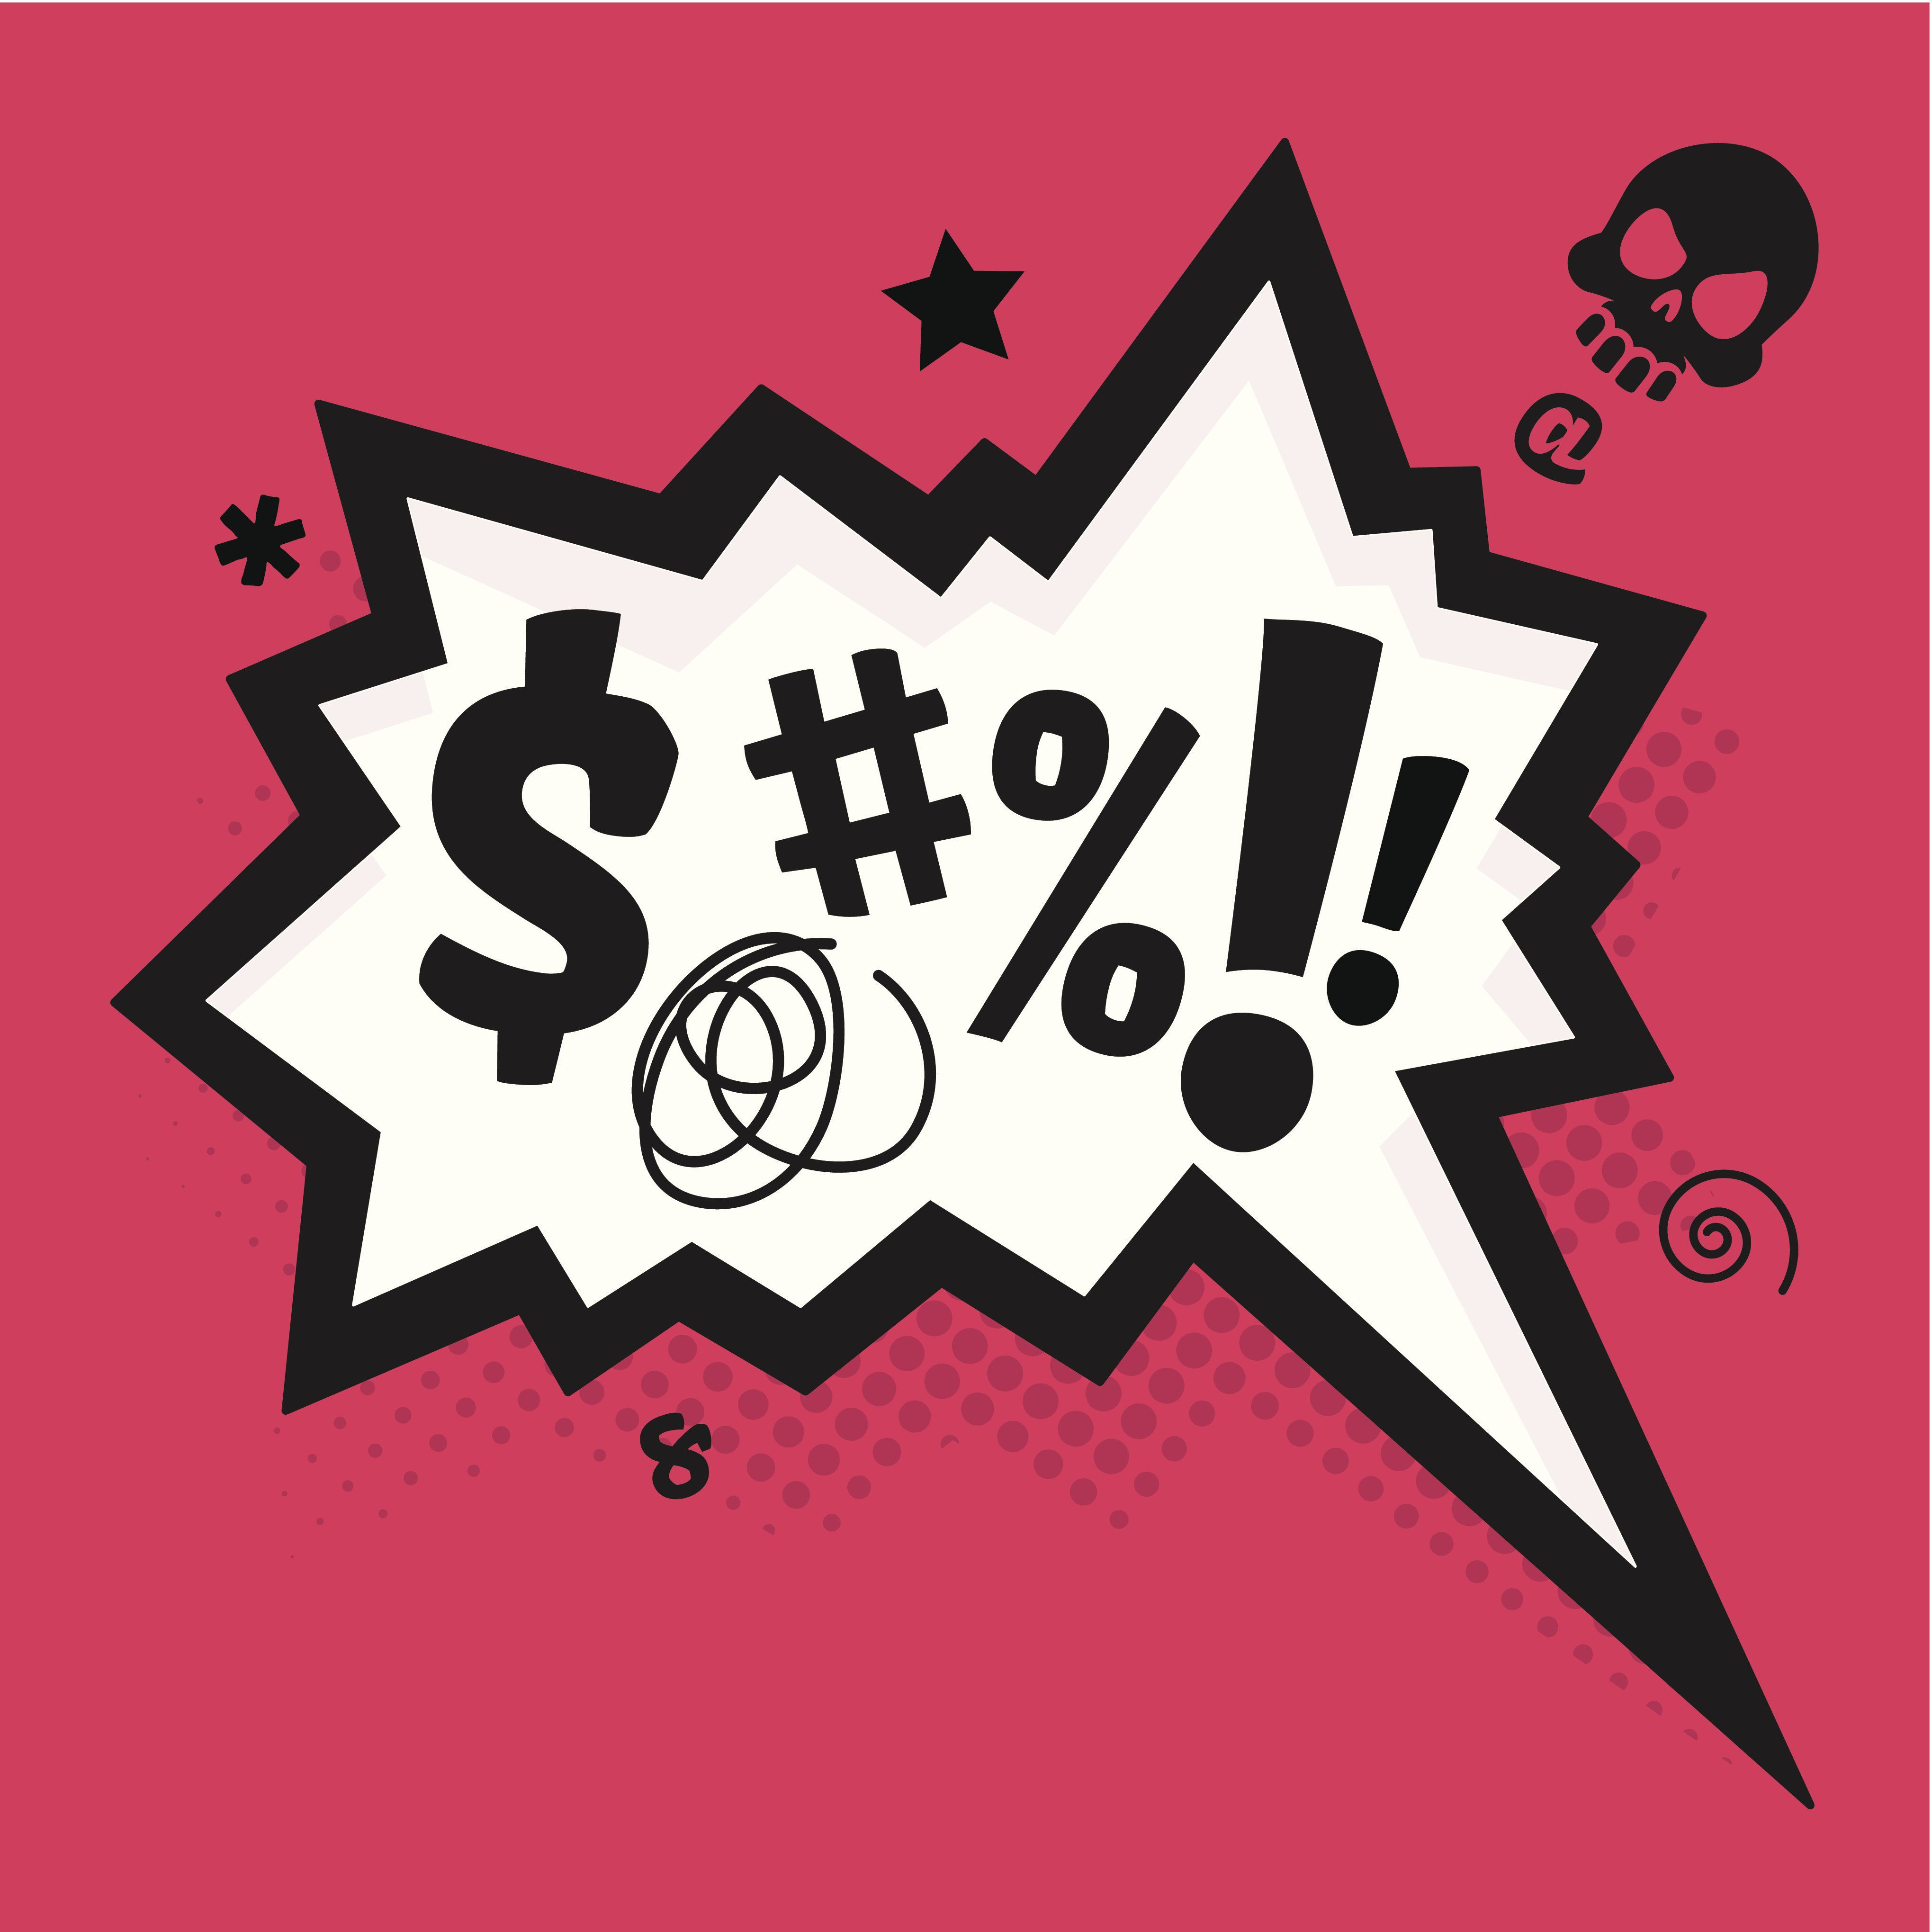 한국의 혐오정치 : 반여성, 반중국,